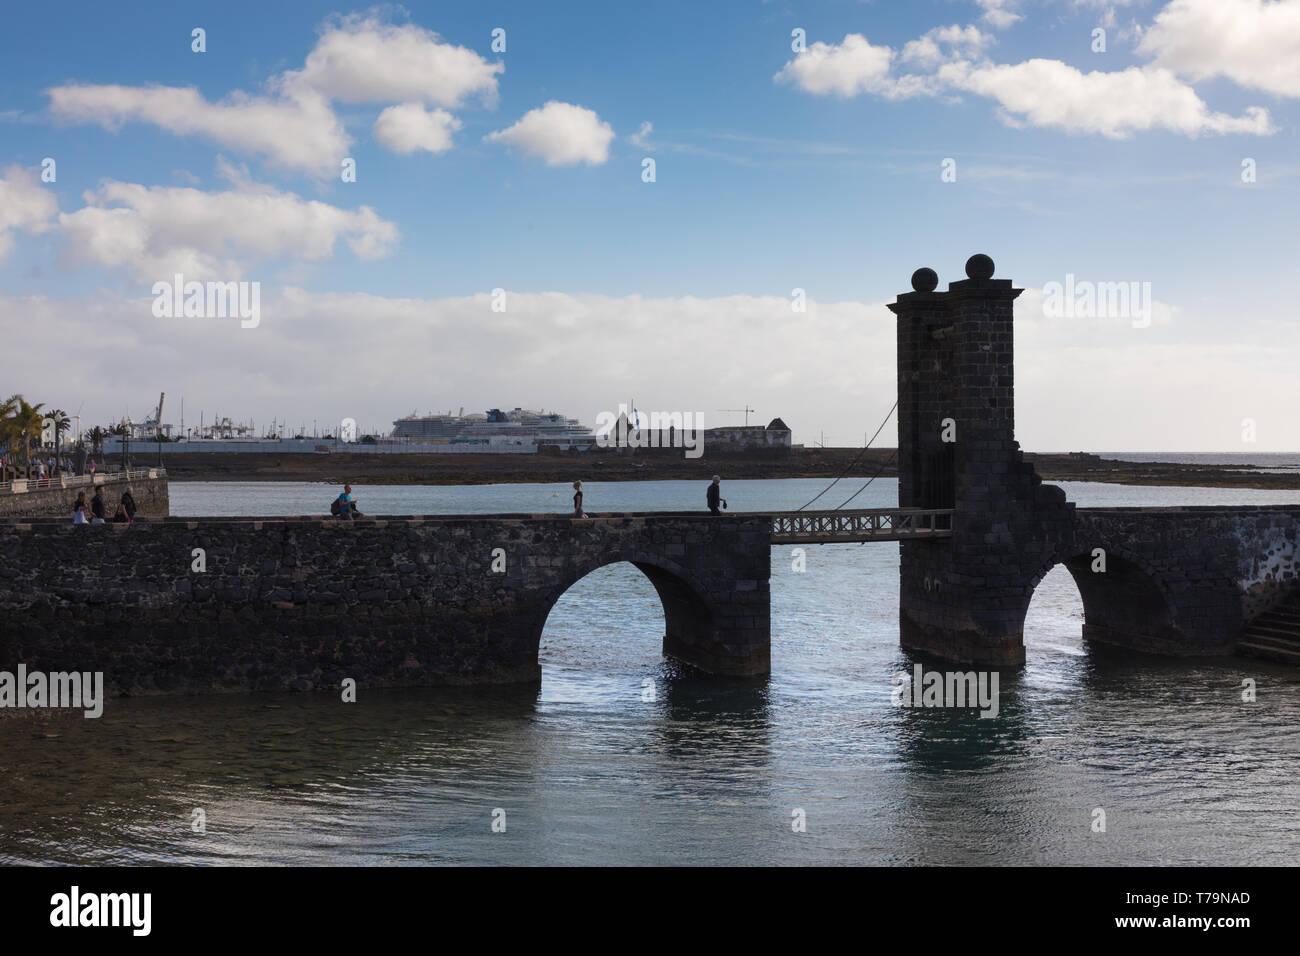 Puente de las Bolas, Arrecife, Lanzarote Stock Photo